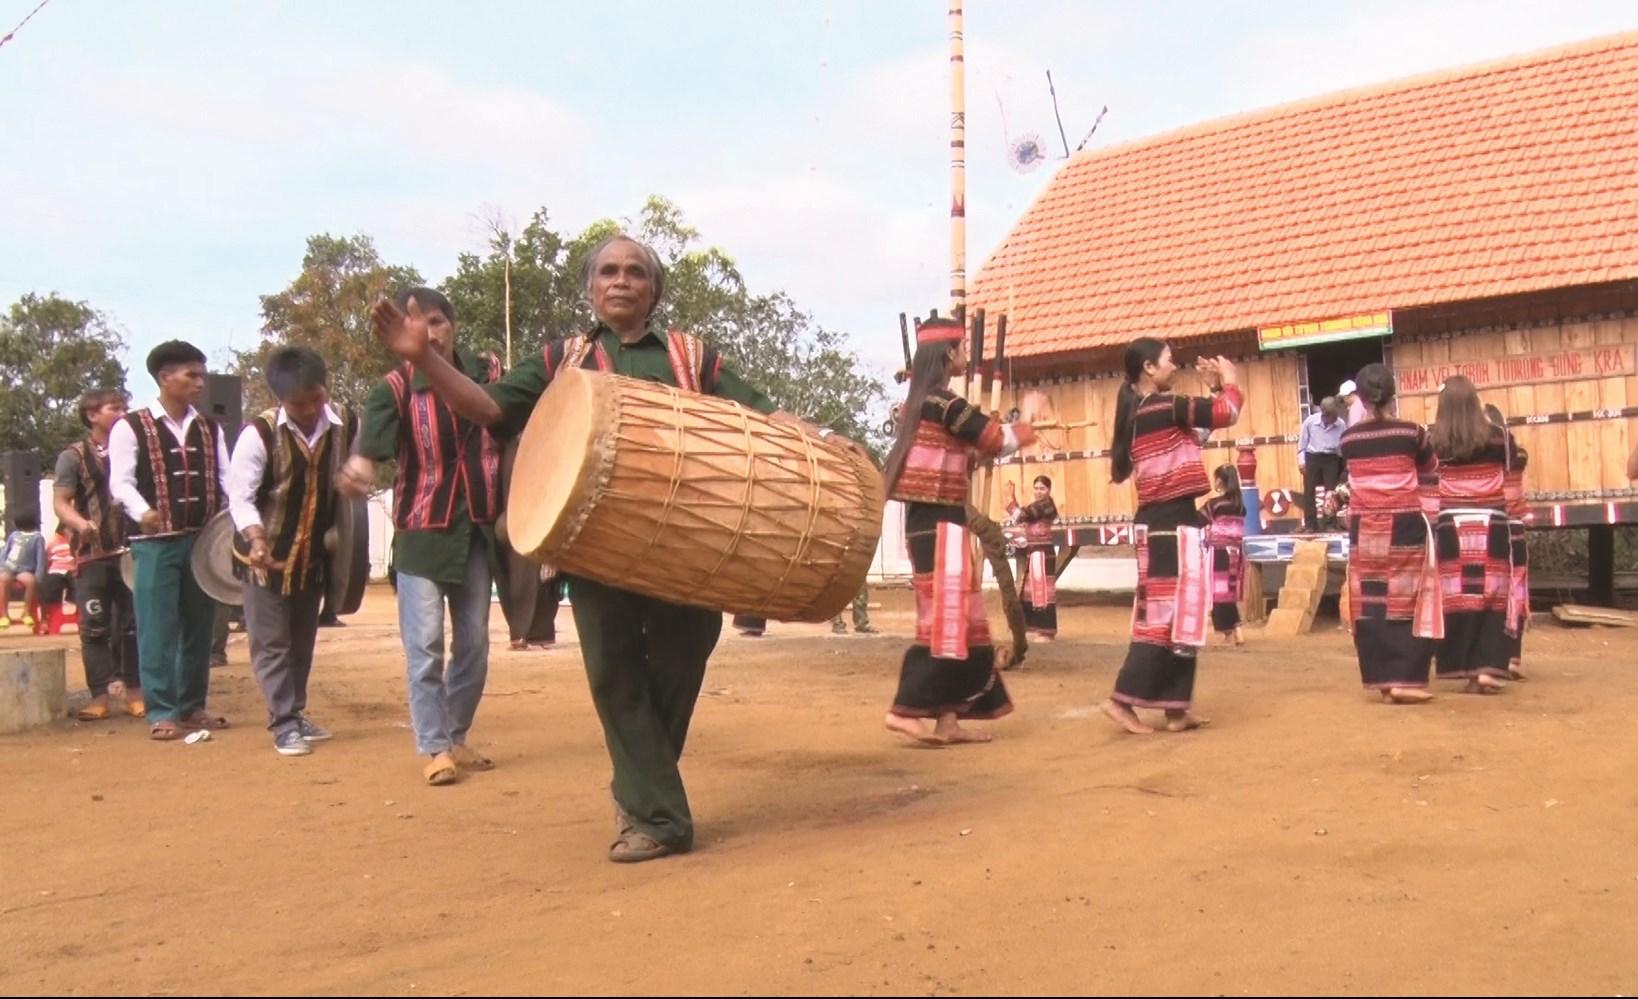 Nhân dân làng Kon Blo vui mừng khi công trình Nhà bảo tồn văn hóa của đồng bào dân tộc Ba Na được khánh thành và đưa vào sử dụng